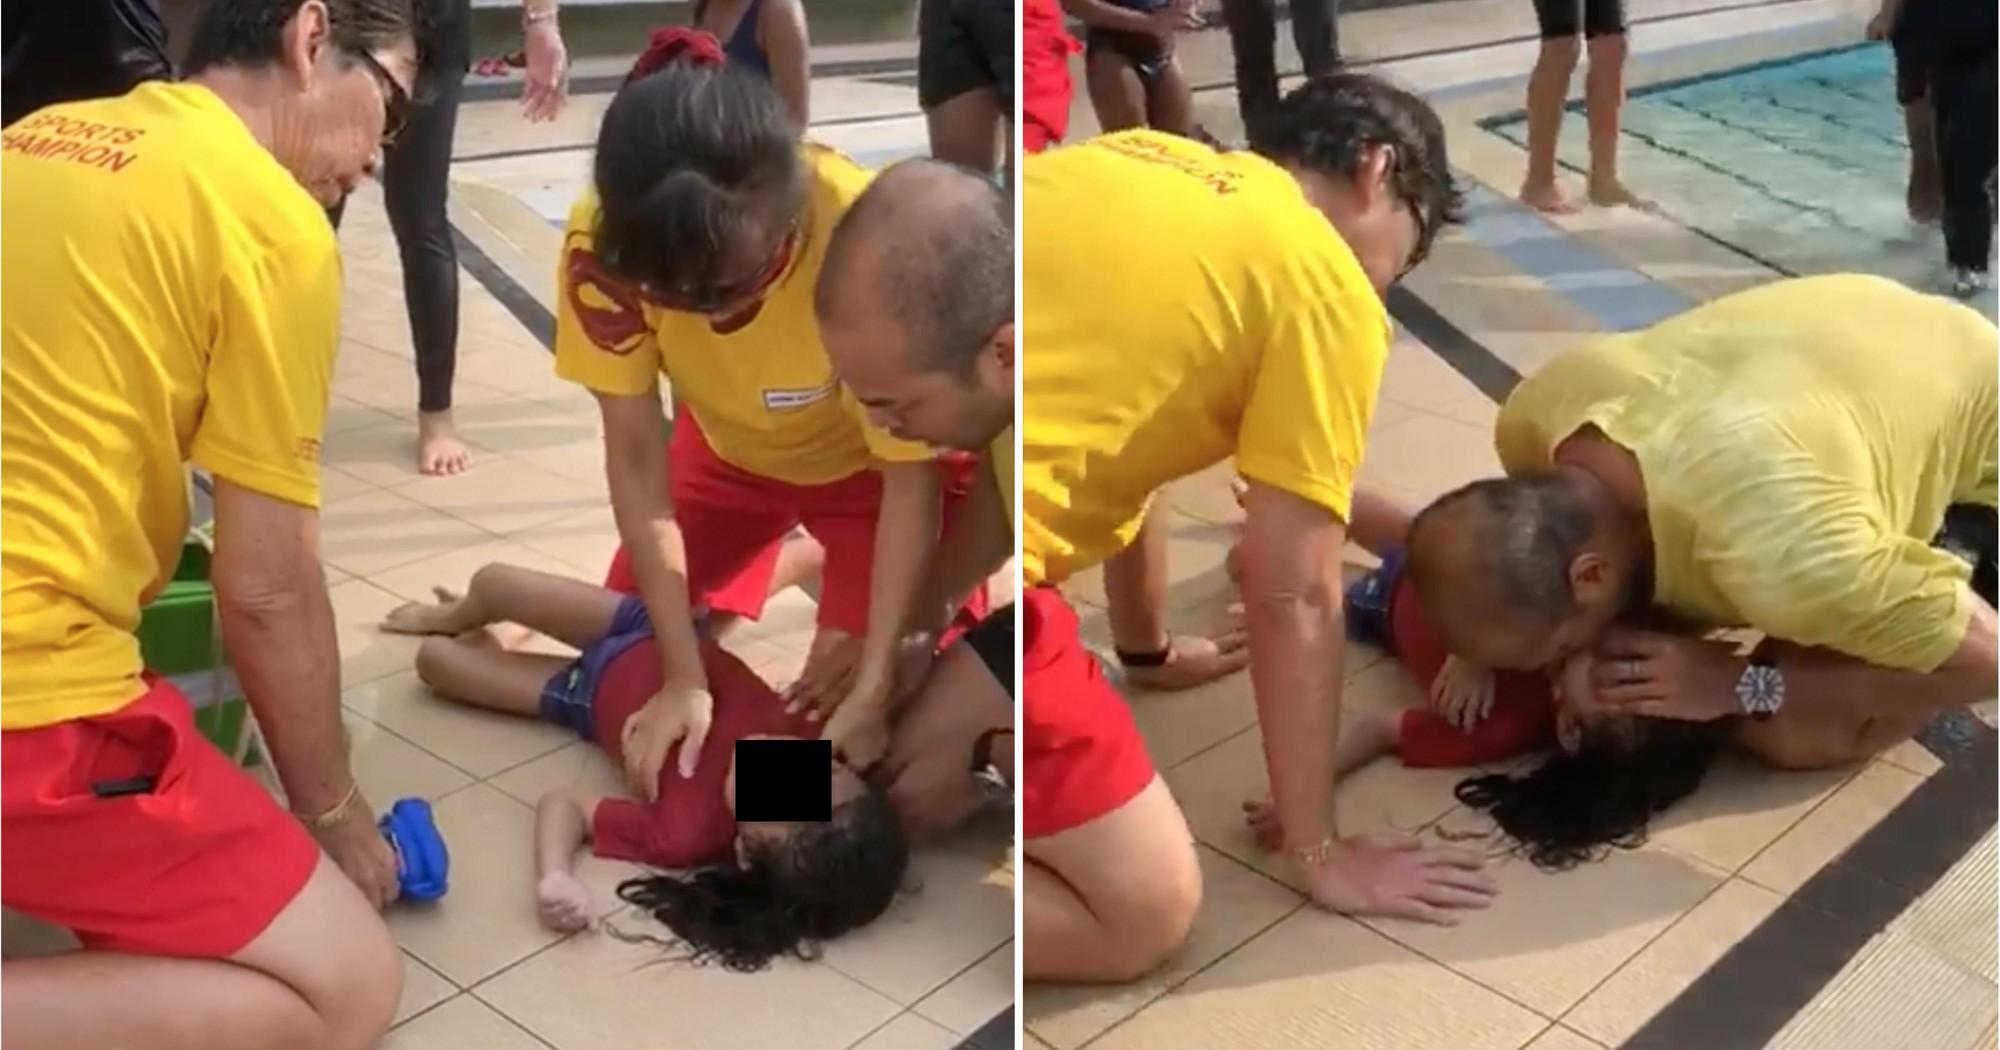 Thêm 1 vụ đuối nước xảy ra ngay tại bể bơi khi cậu bé 5 tuổi đi bơi cùng bố - Ảnh 1.